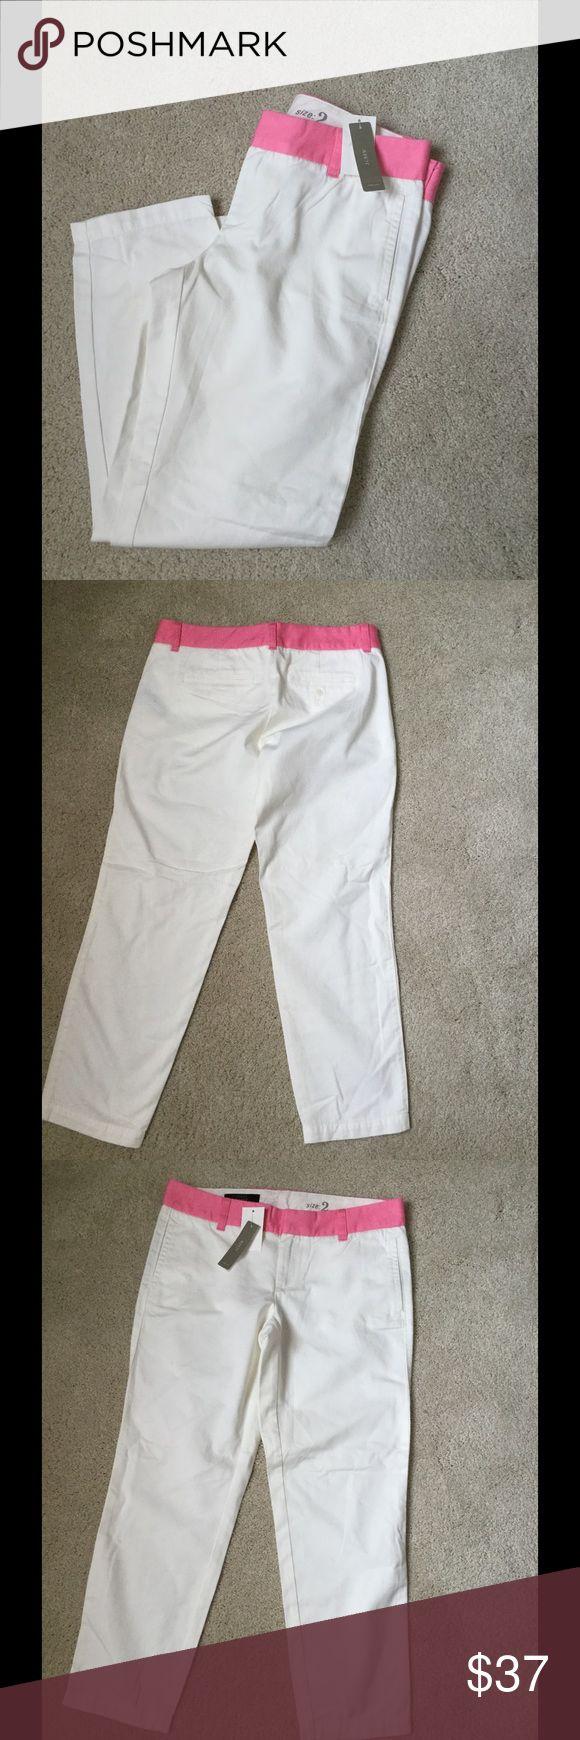 J.Crew Sz 2 ankle pants Ivory New New J. Crew Sz 2 Ivory cotton pants J. Crew Pants Ankle & Cropped